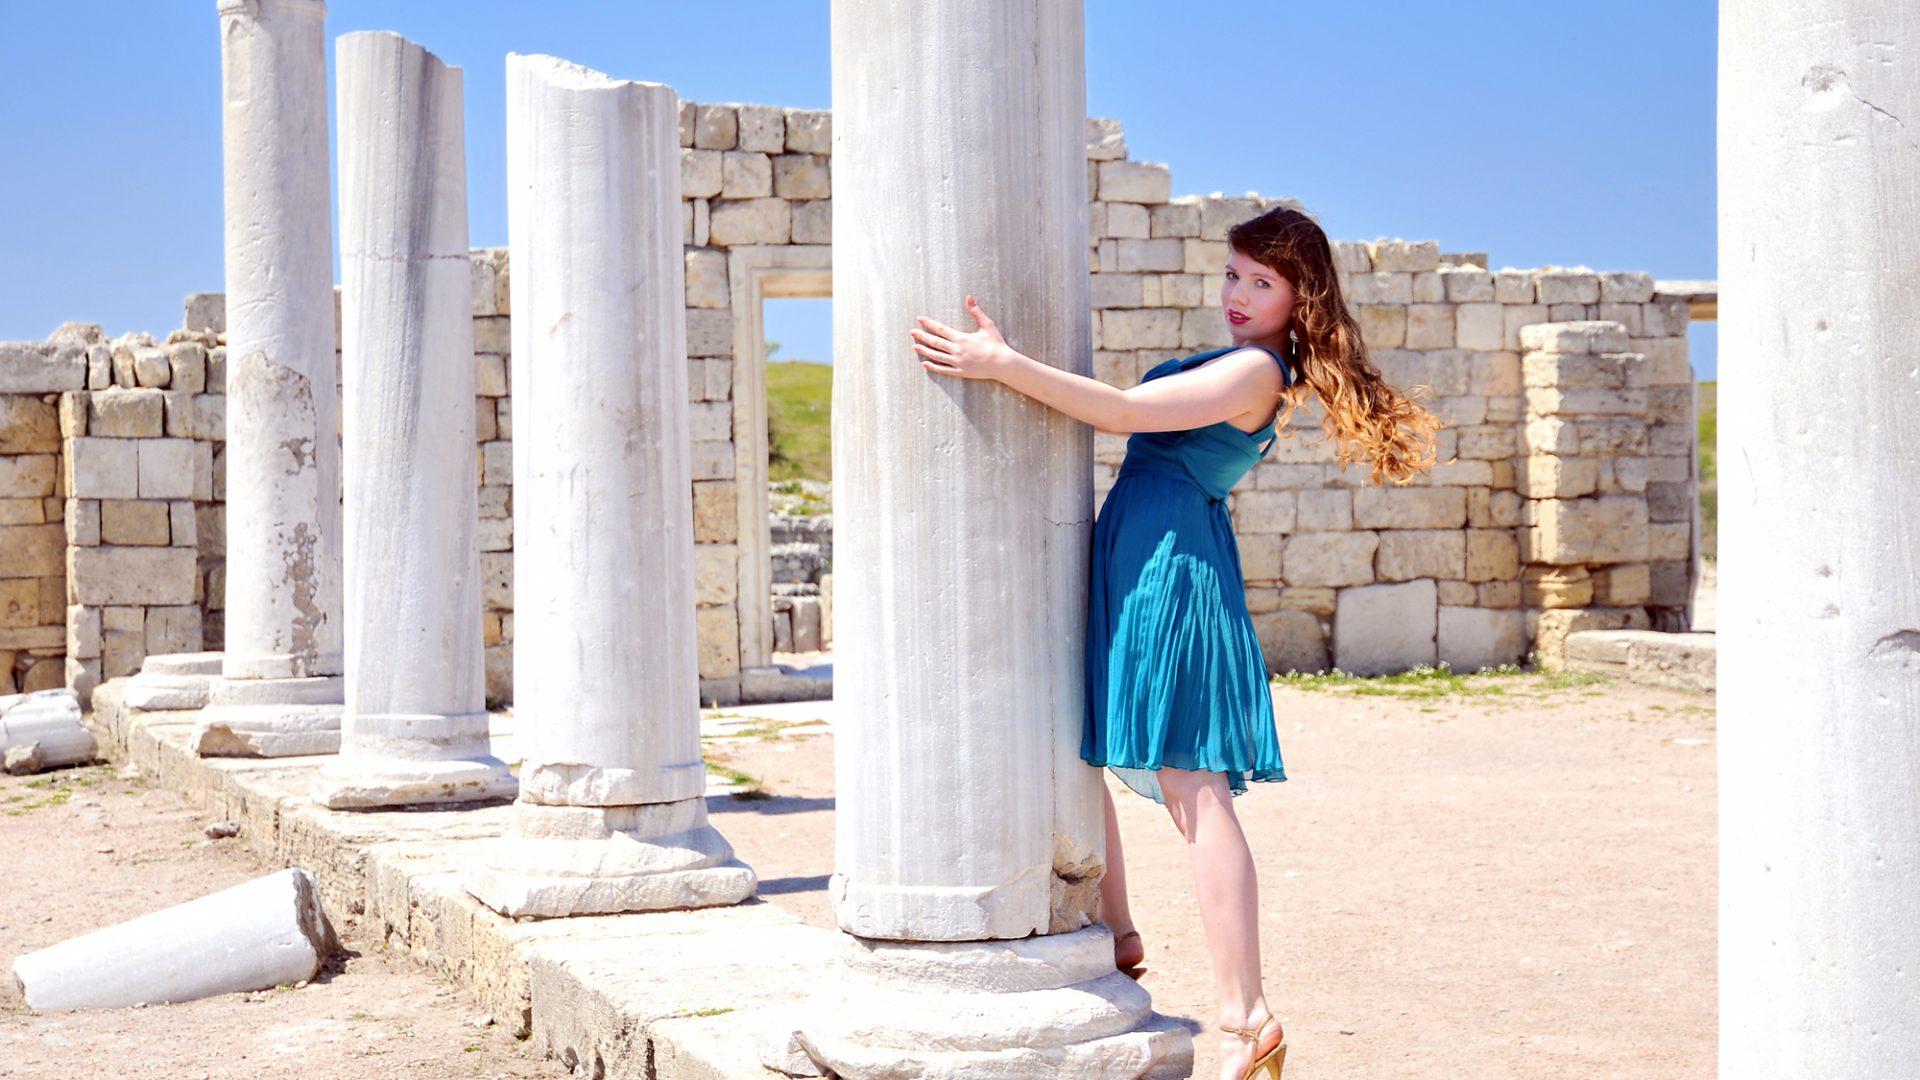 Venindetur til det græske øhav - Kvindernes blå bog